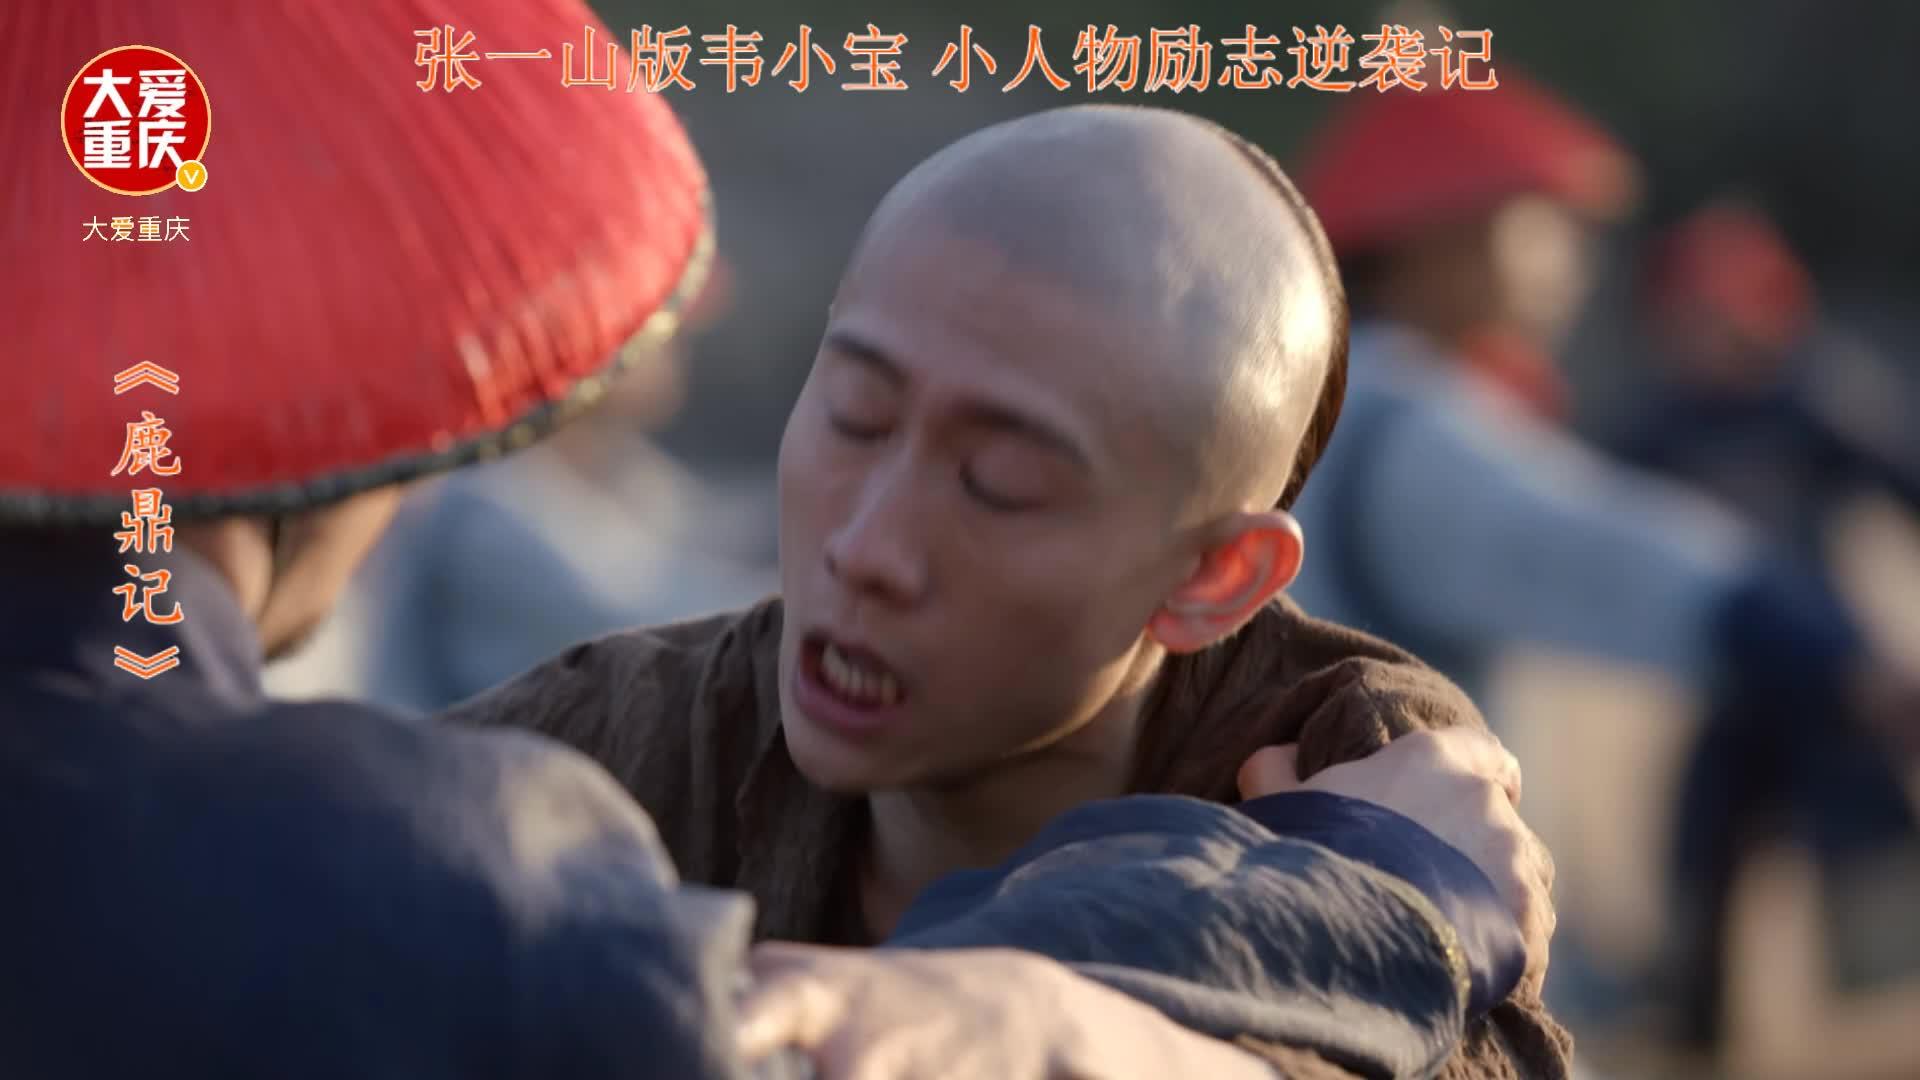 张一山 新鹿鼎记 影视剧情剪辑 第 (29)